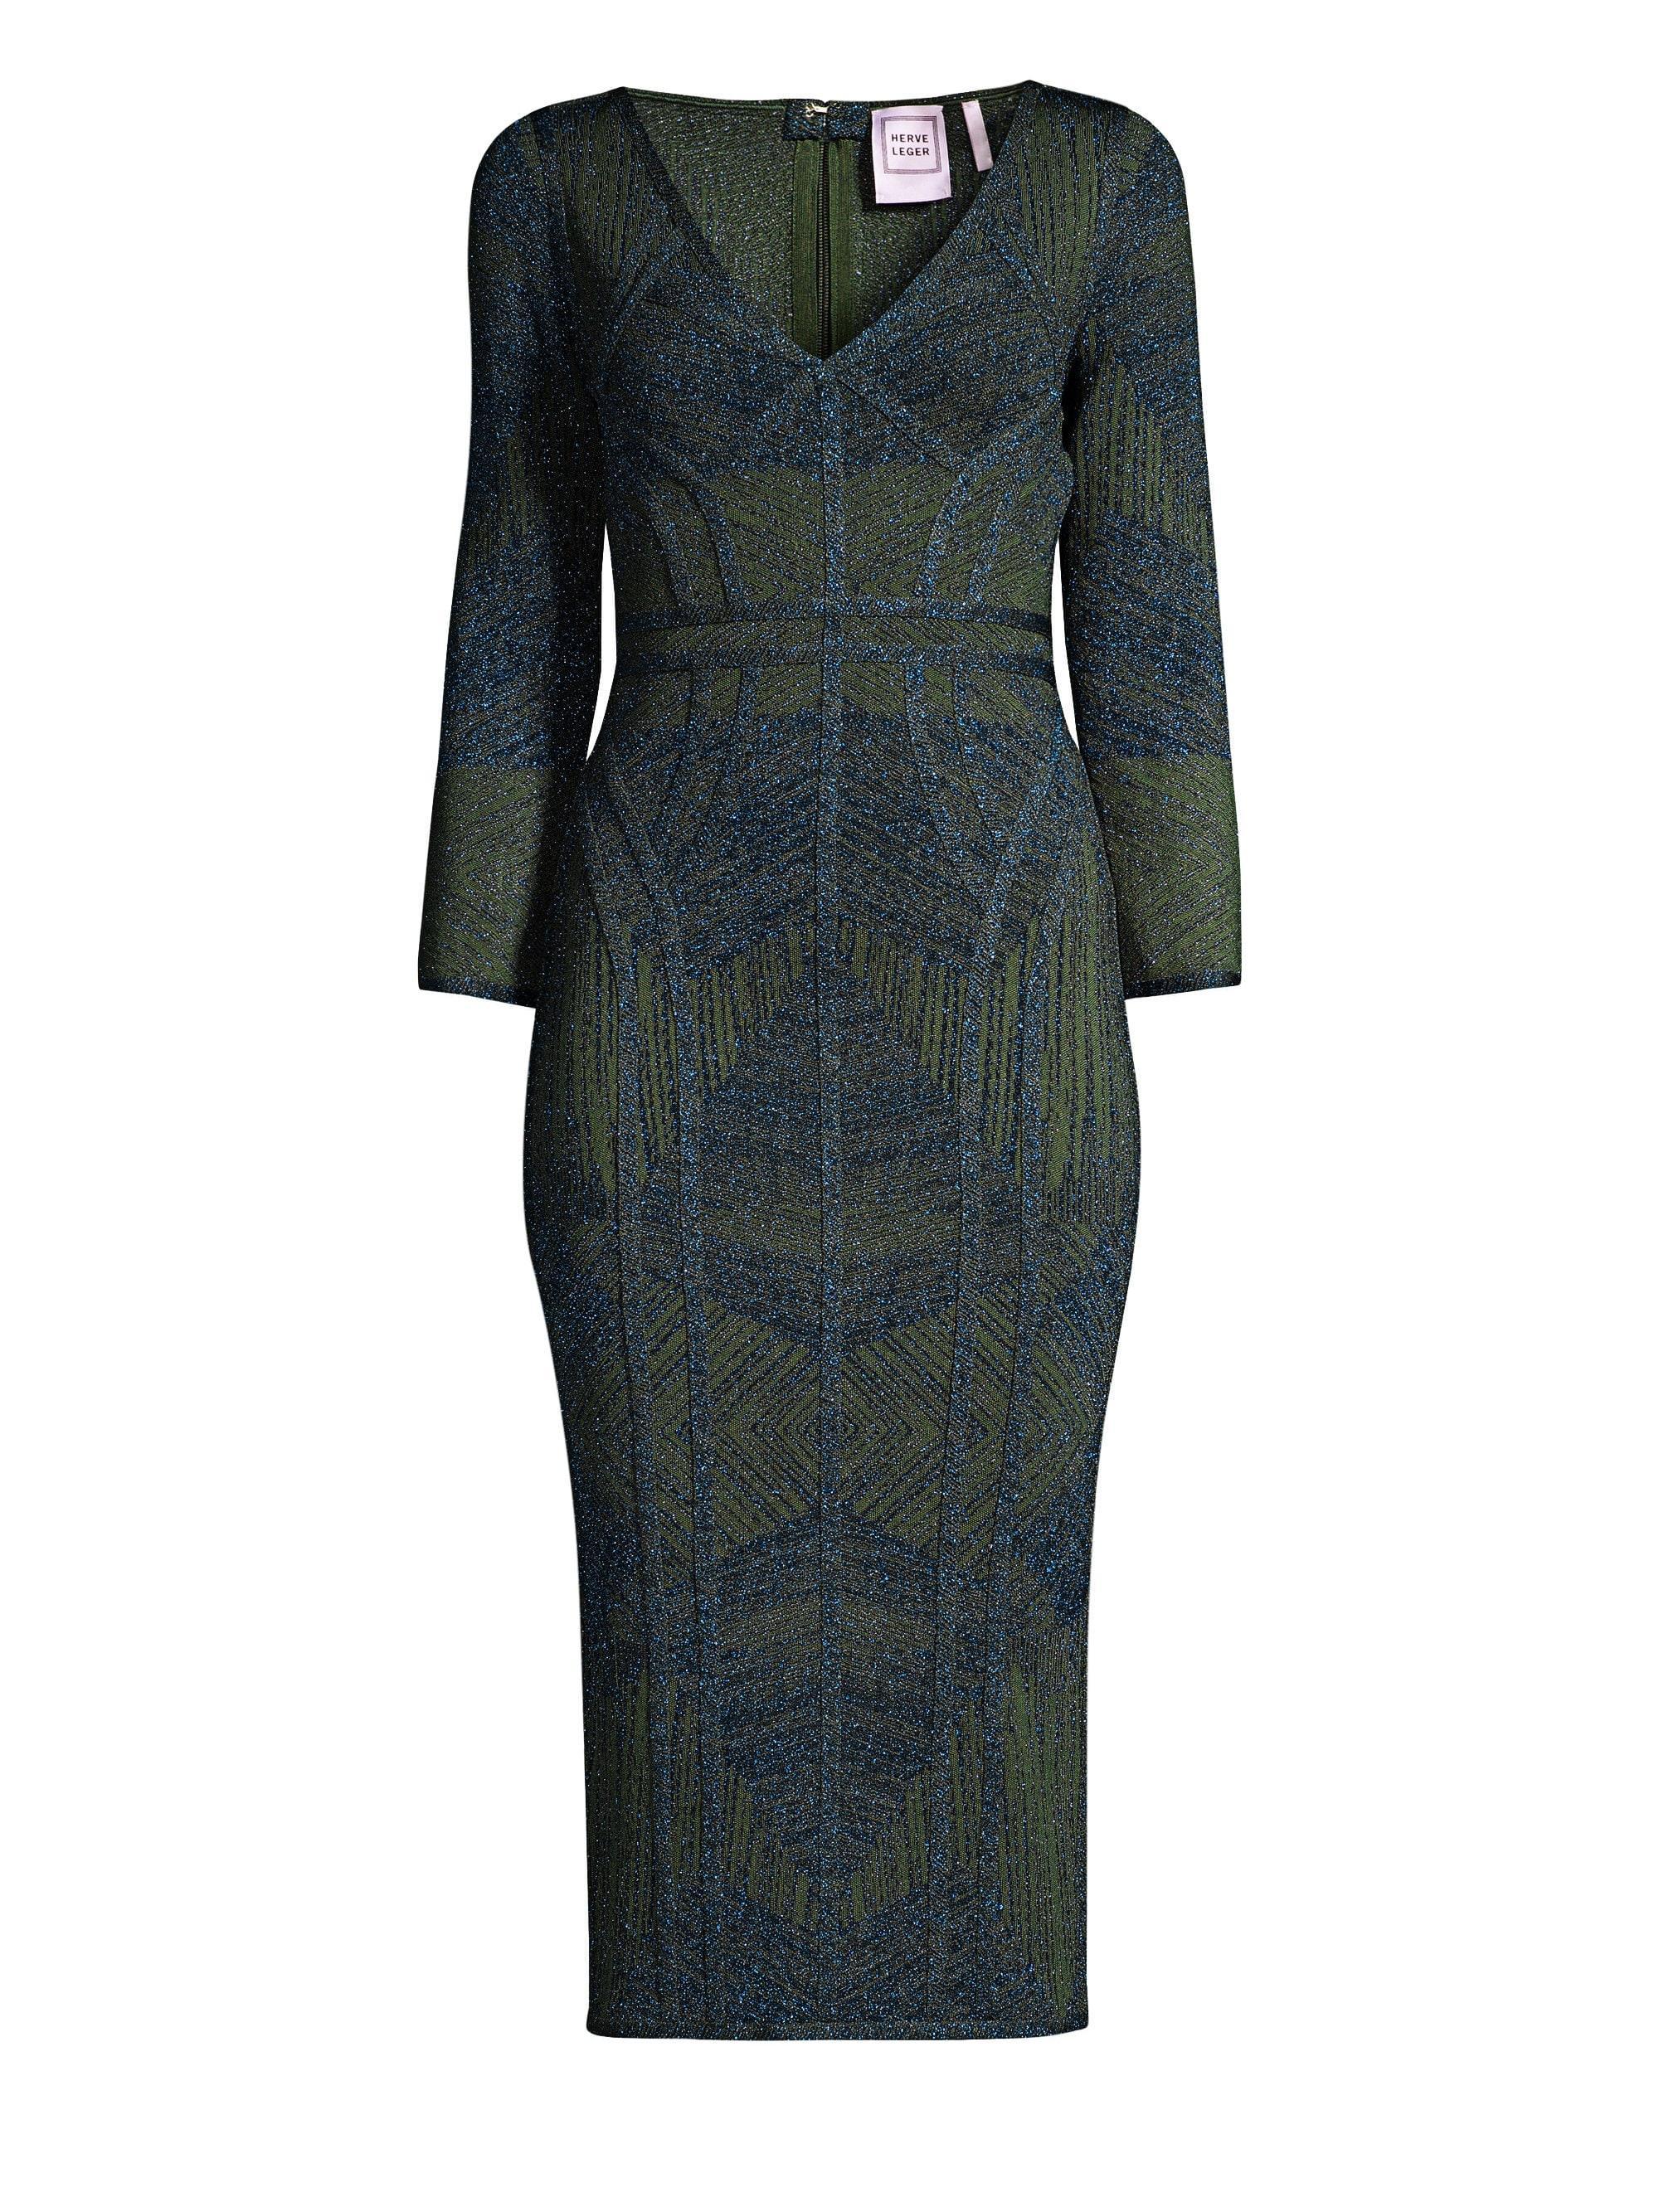 d283ac3a0894 Lyst - Hervé Léger Women s Jacquard Column Bandage Dress - Green ...